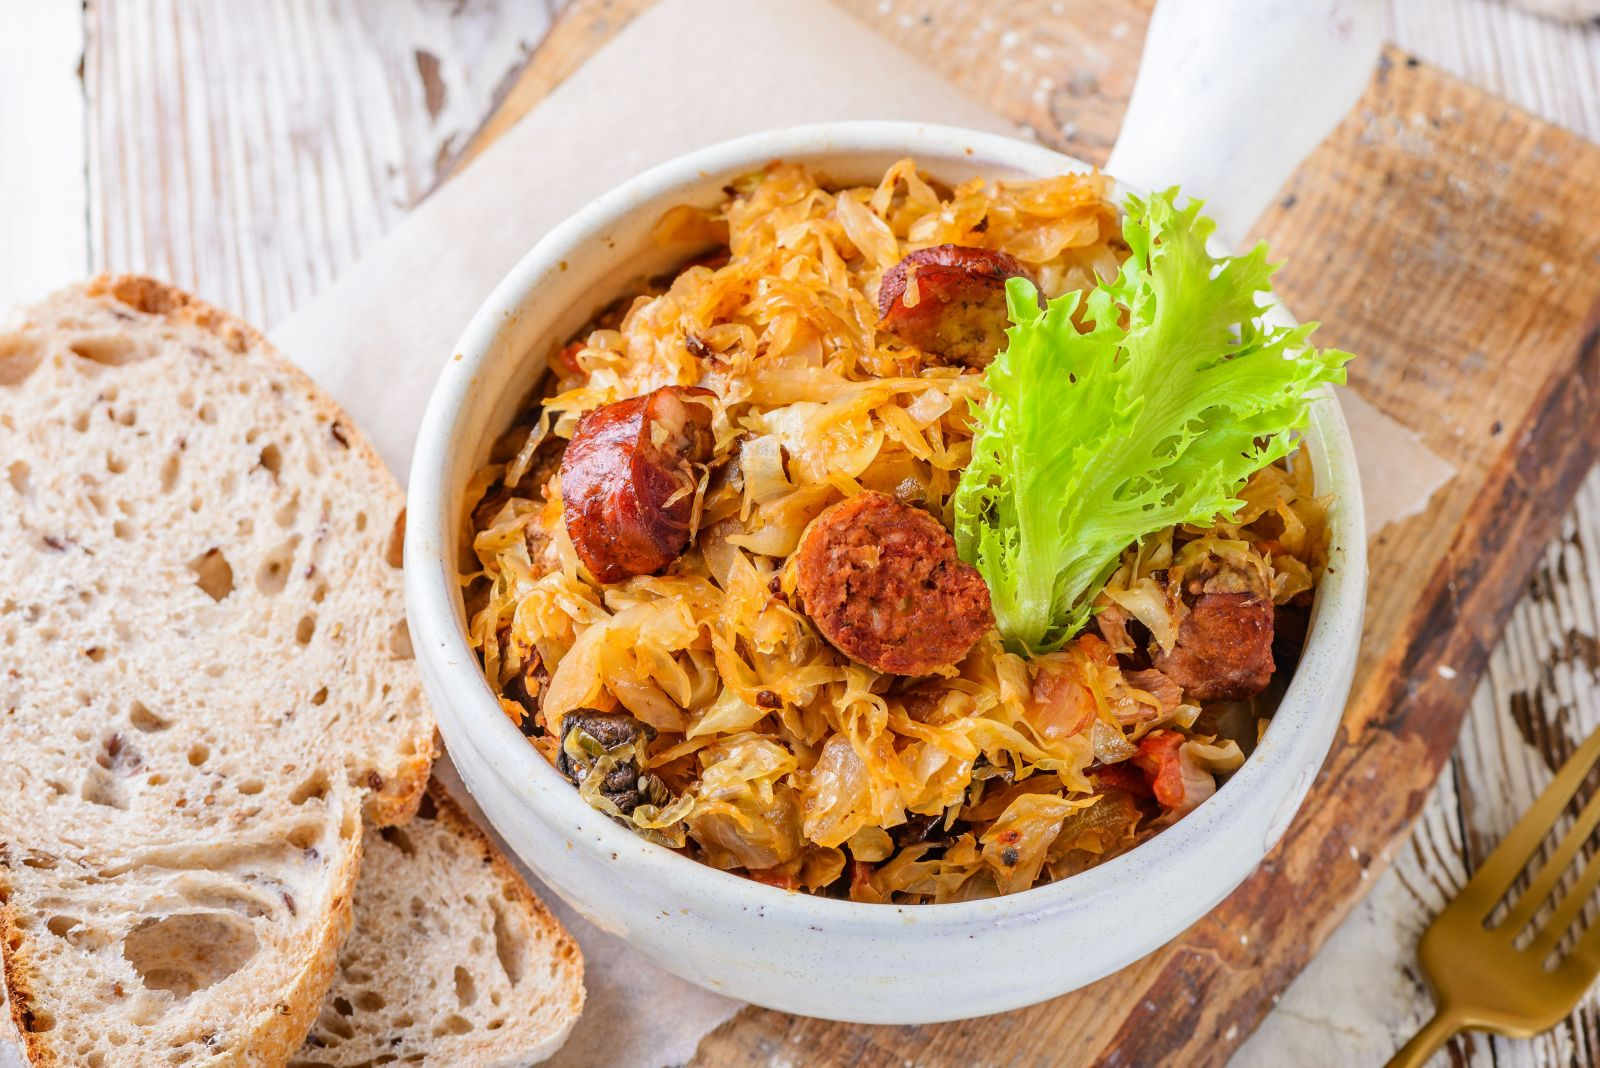 Món ăn Ba Lan Hunter's Stew có nguồn gốc từ bigoski hay bigos nhưng không có bắp cải. Ngày nay, với những người bình dân, bắp cải là thành phần chính trong món ăn. Những người Ba Lan giàu có sẽ thêm thịt và các sản phẩm hun khói khi chế biến. Bigos trải qua chặng đường dài từ